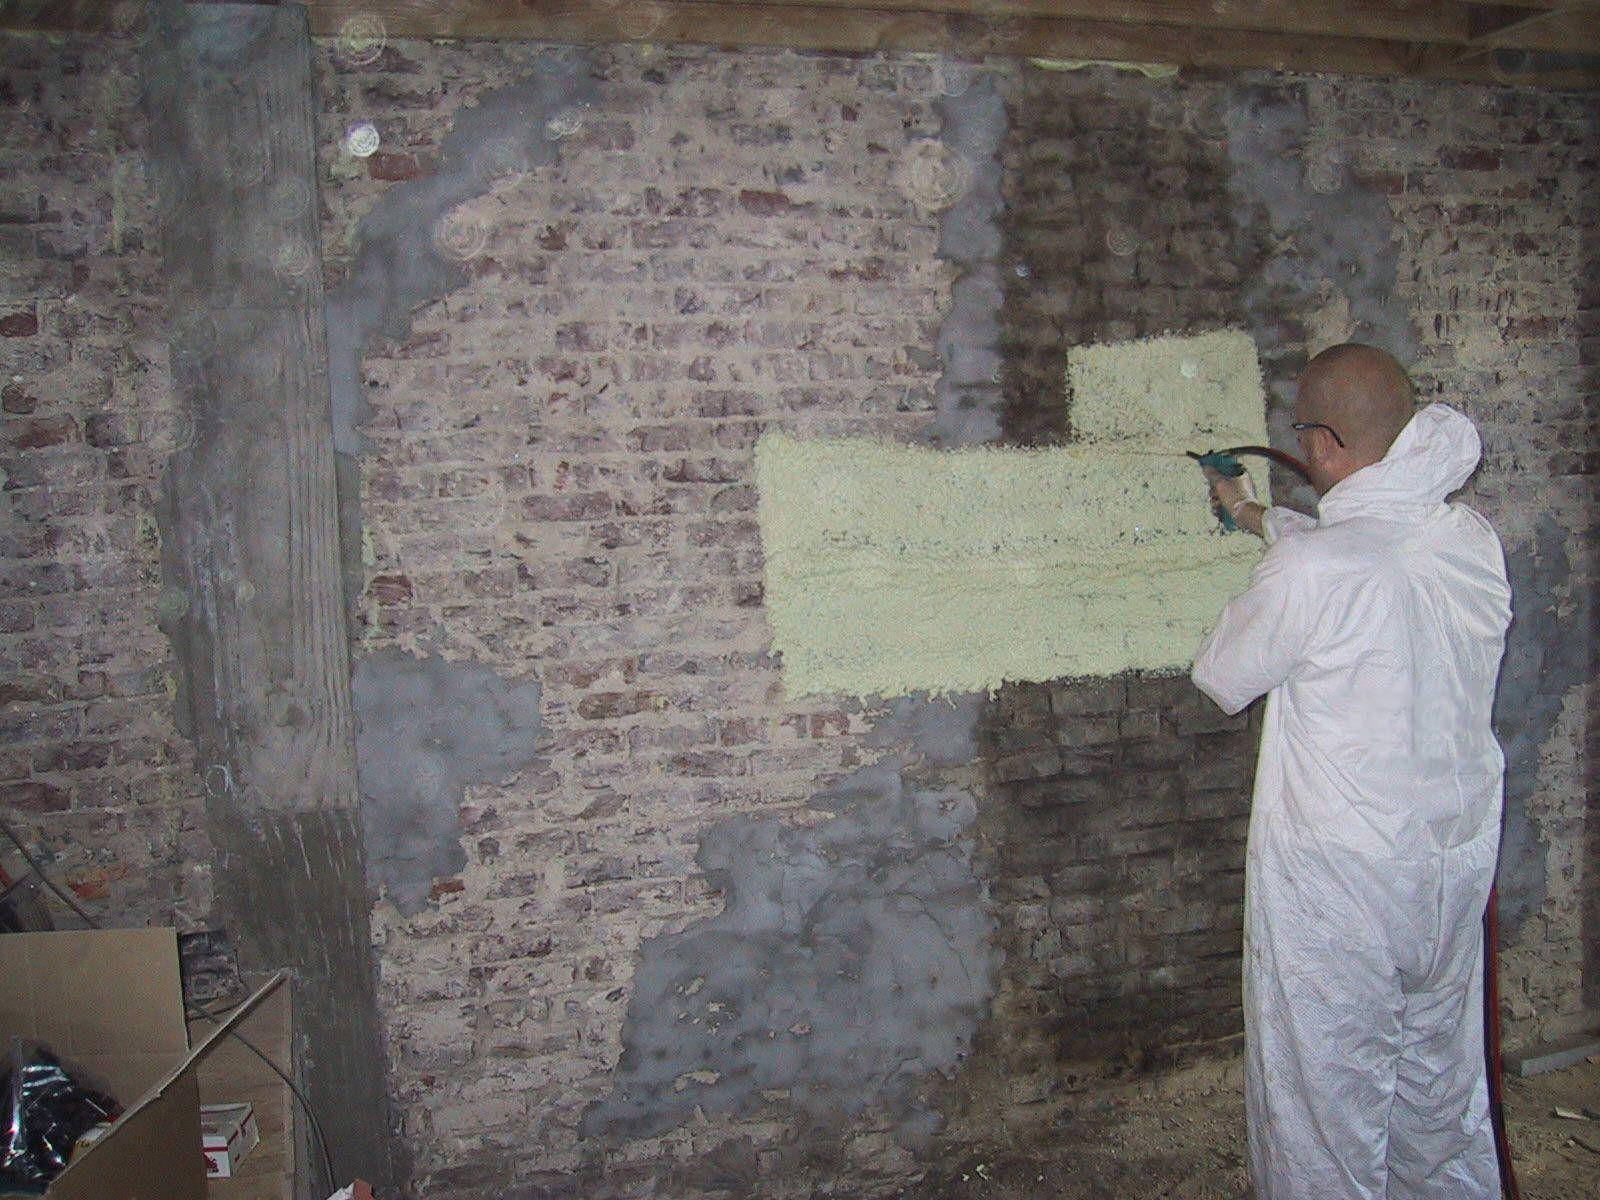 Izolace stěny sklepa  tvrdou pěnou S-303E-P